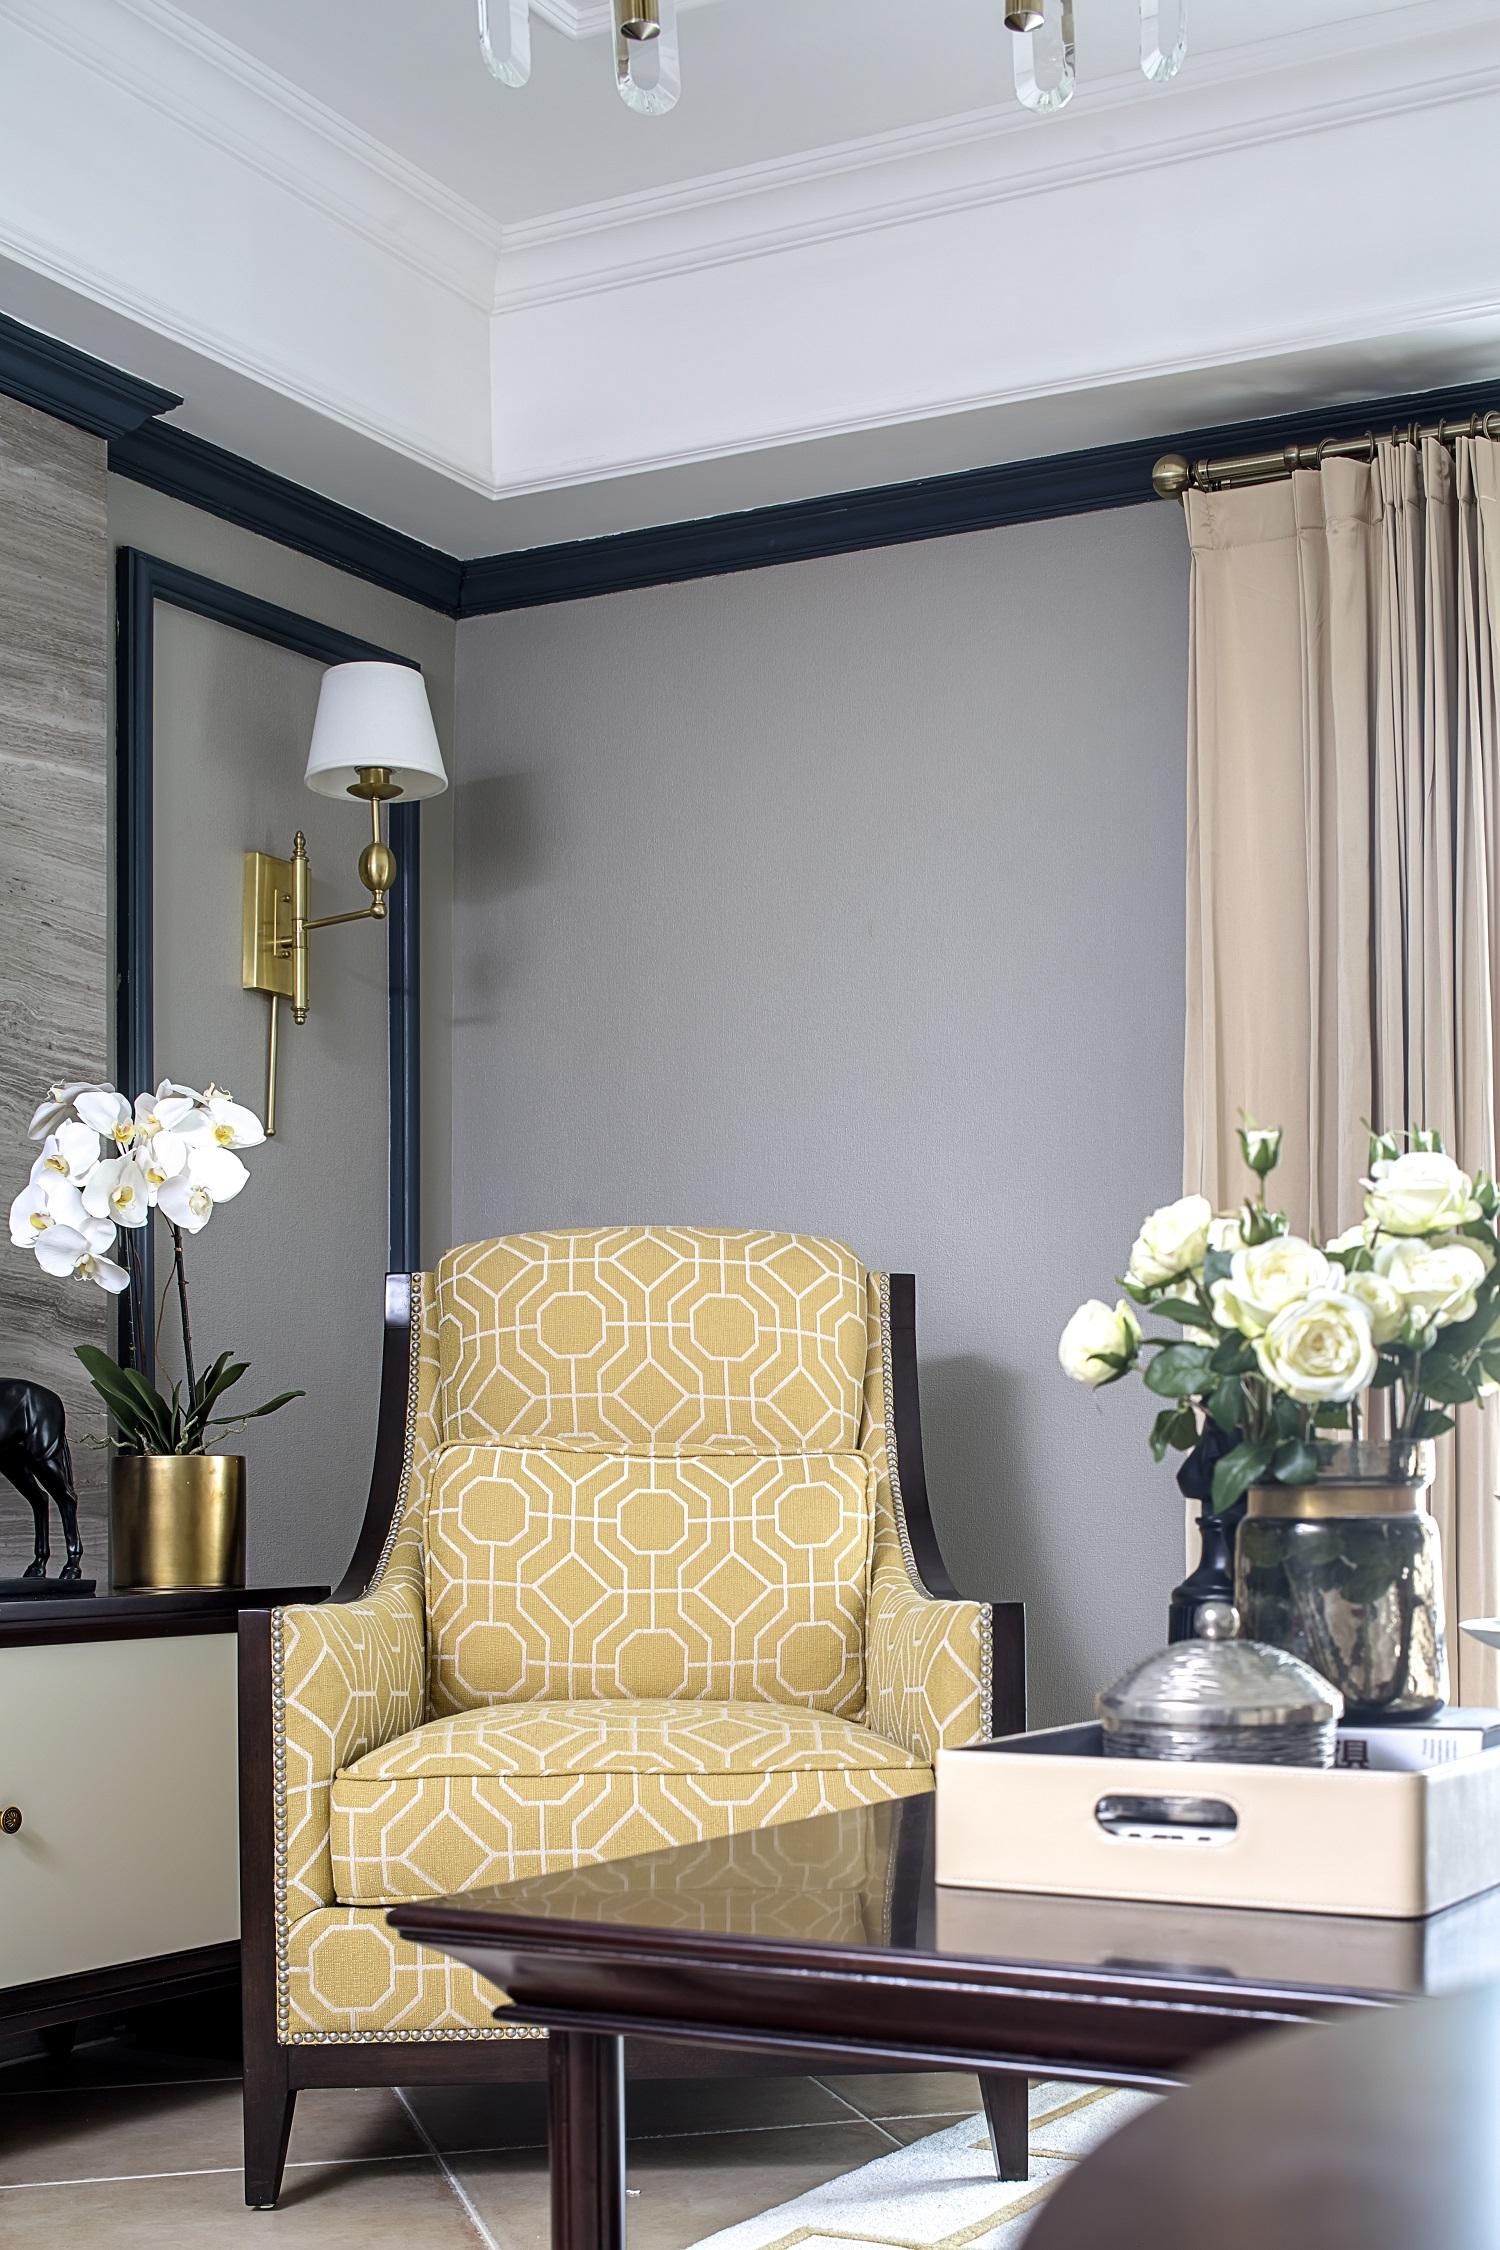 125㎡美式风格家单人沙发图片